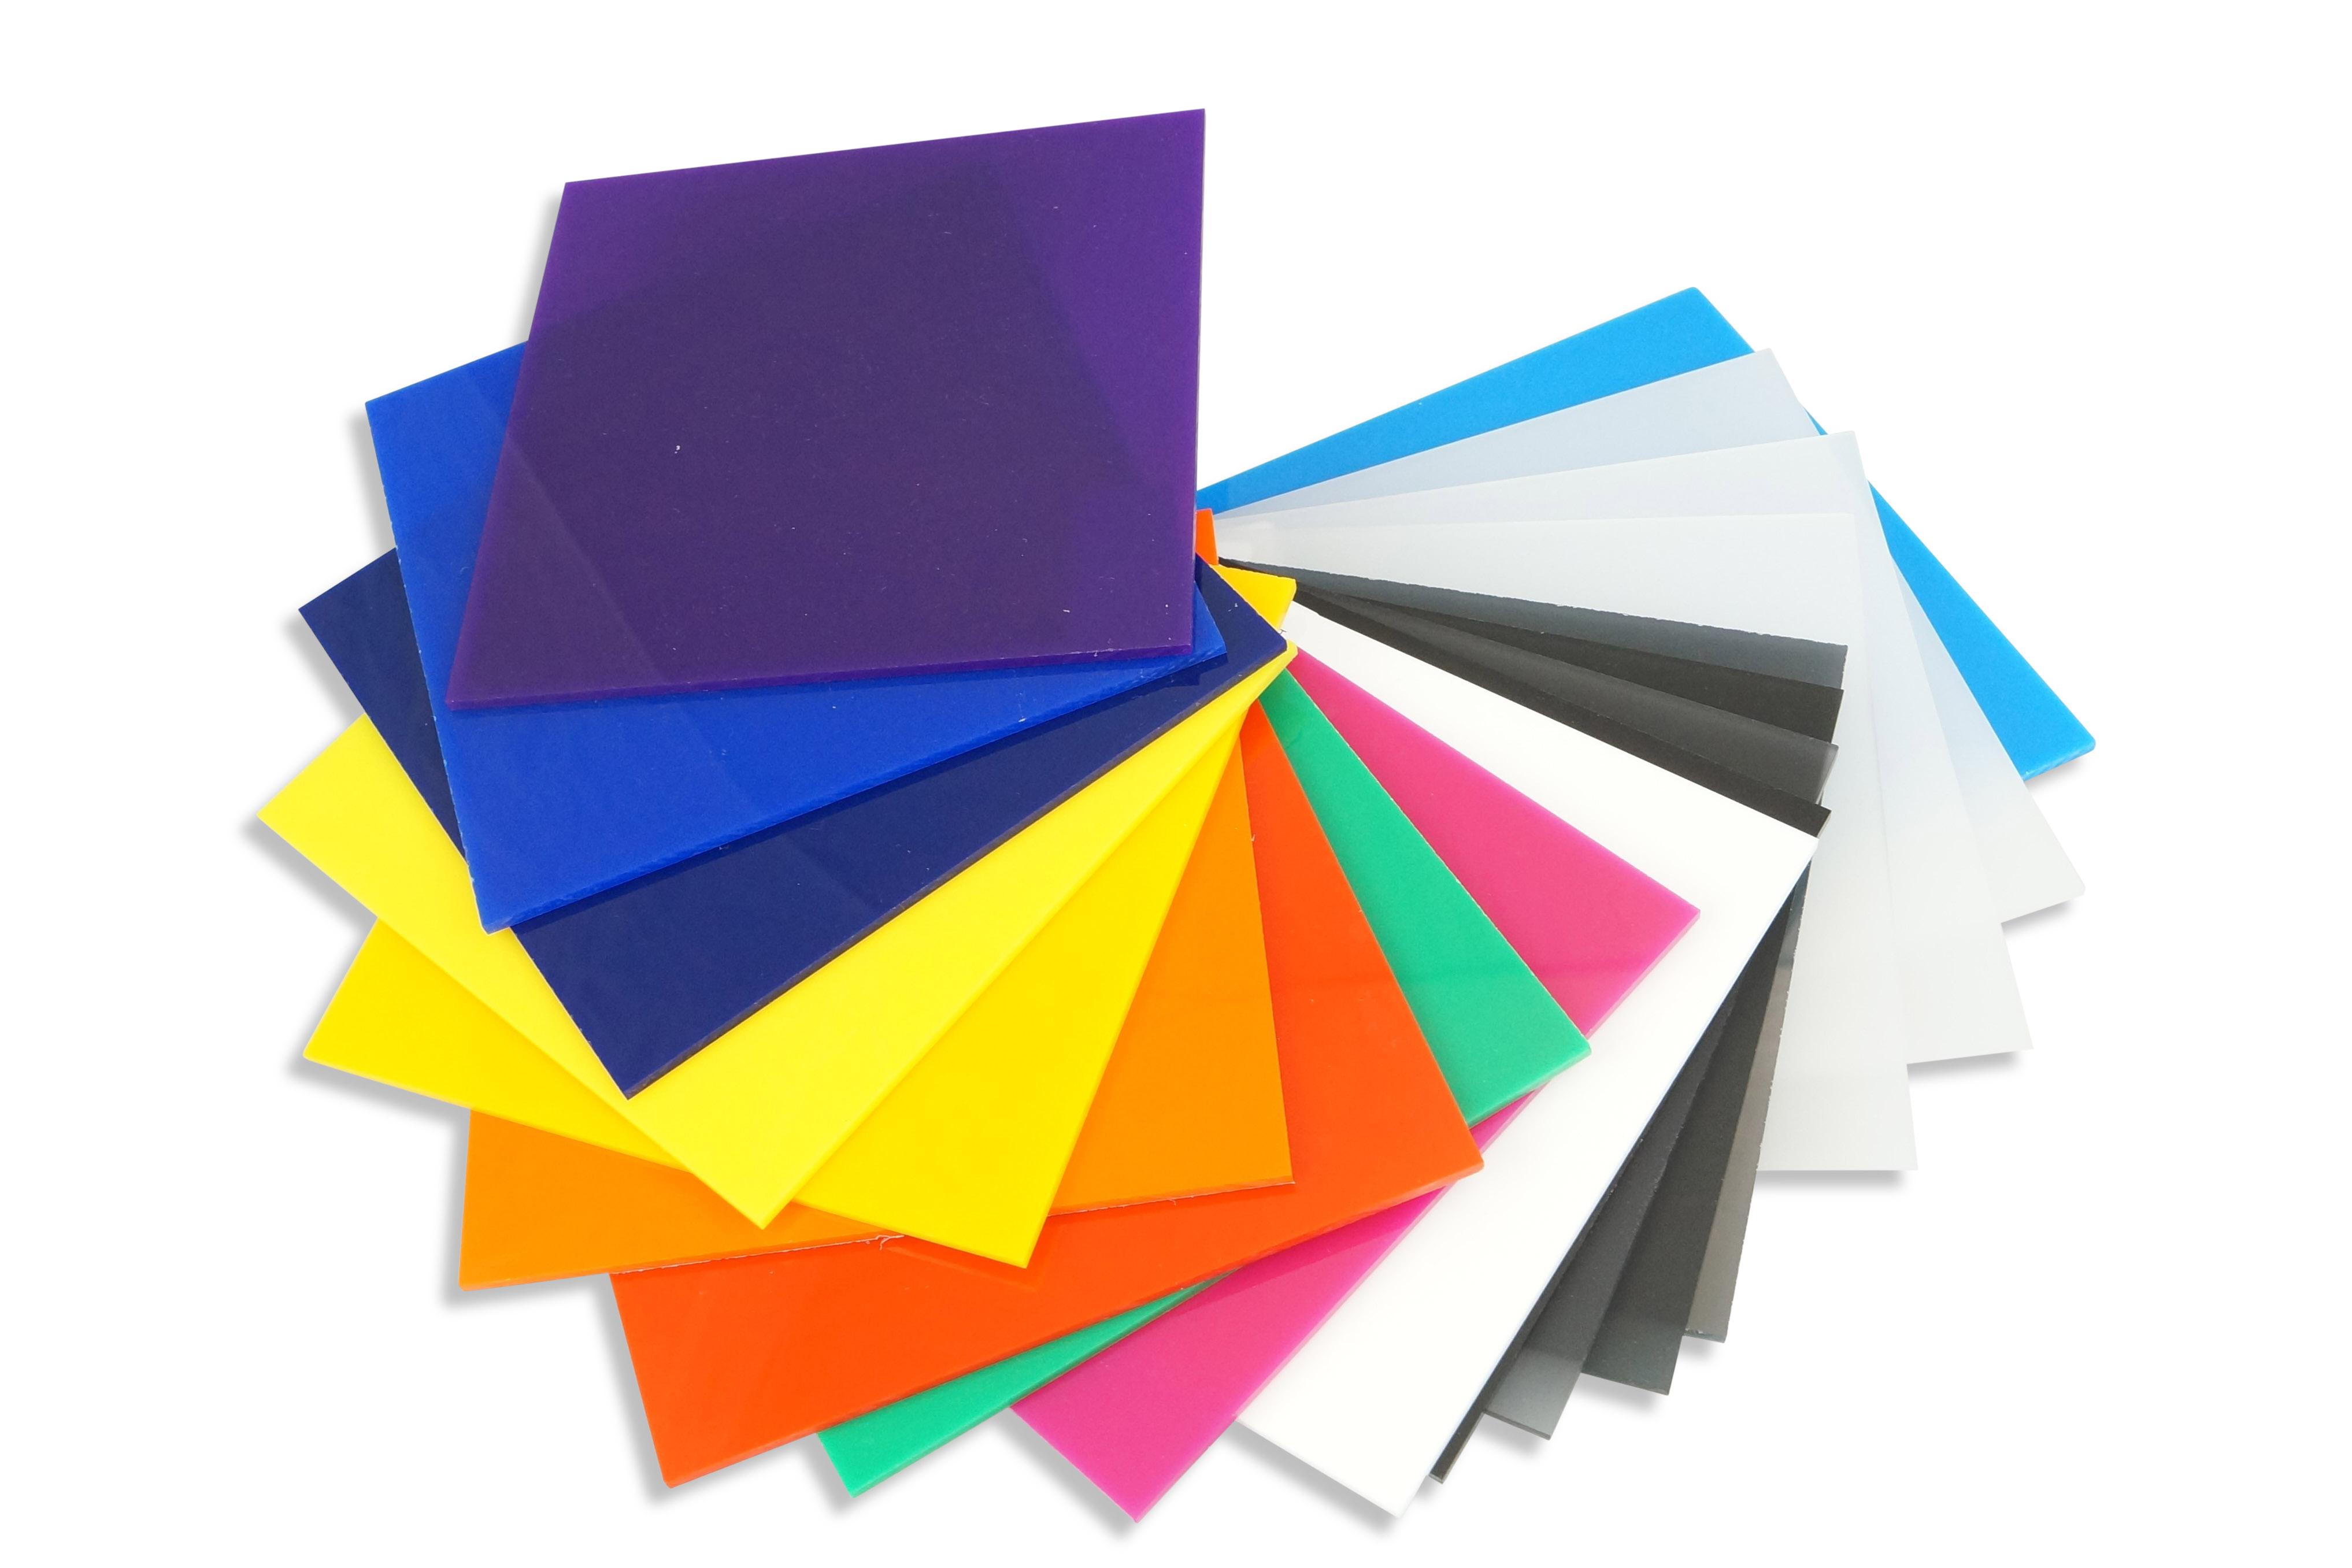 plastplader i akryl plexiglas brudsikker ridsefri plast. Black Bedroom Furniture Sets. Home Design Ideas